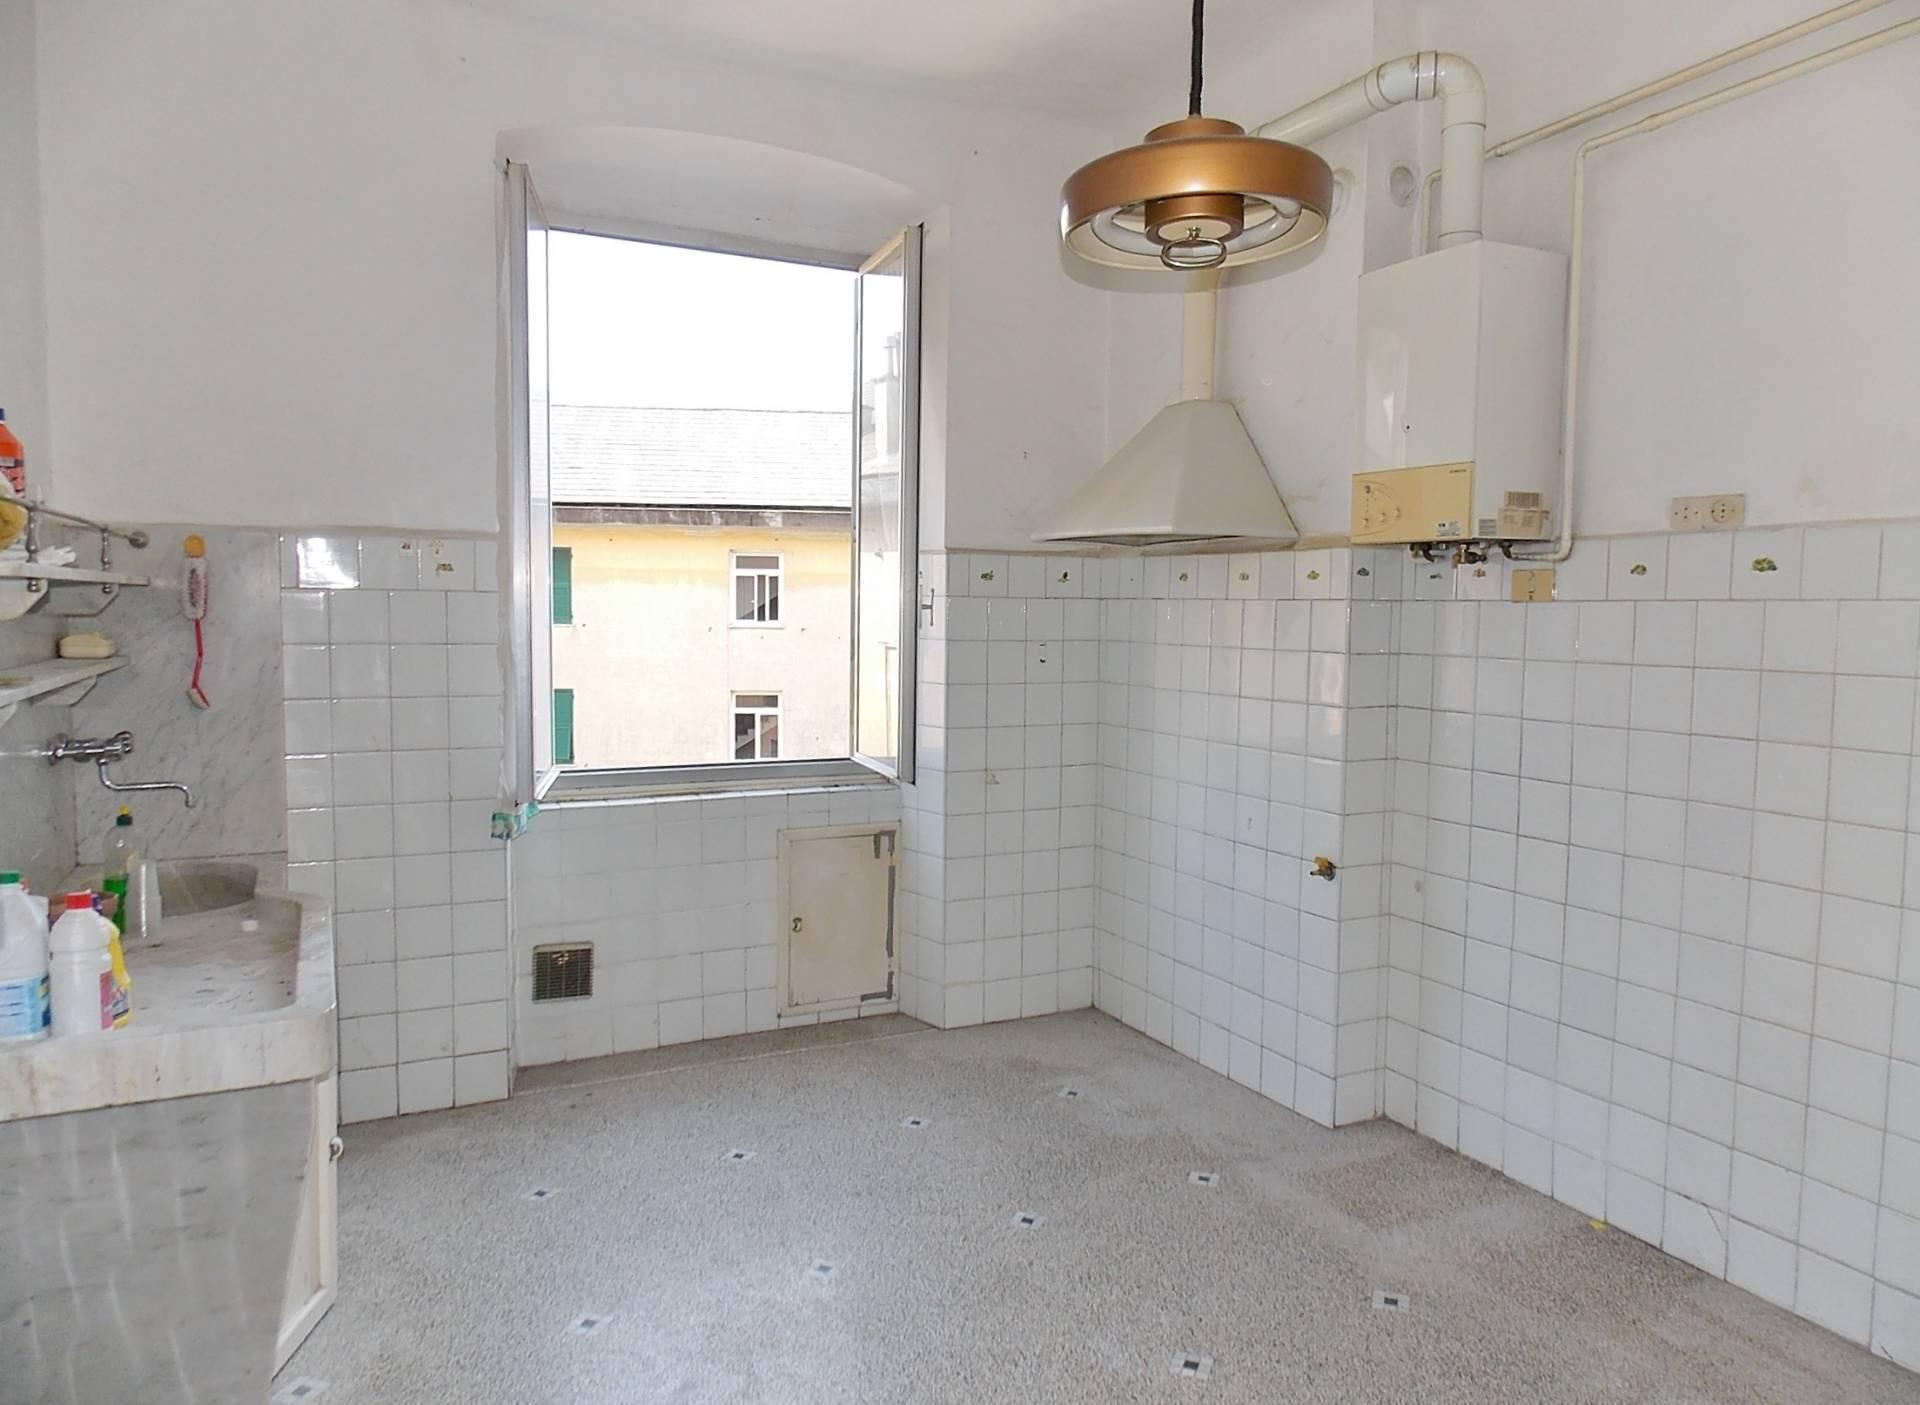 Appartamenti genova san teodoro in vendita for Bel soggiorno genova